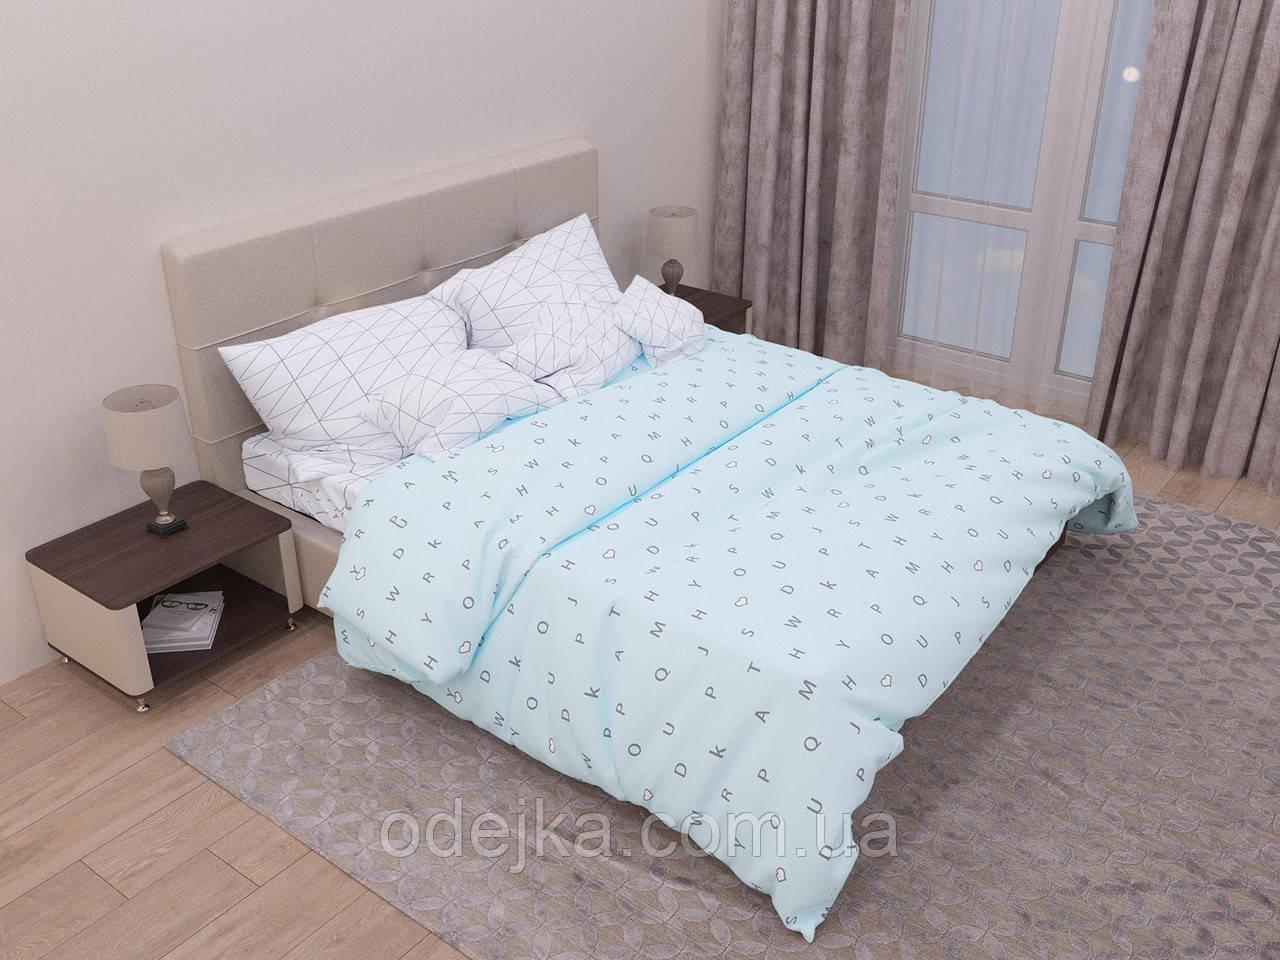 Двуспальный комплект постельного белья евро 200*220 хлопок  (12936) TM KRISPOL Украина